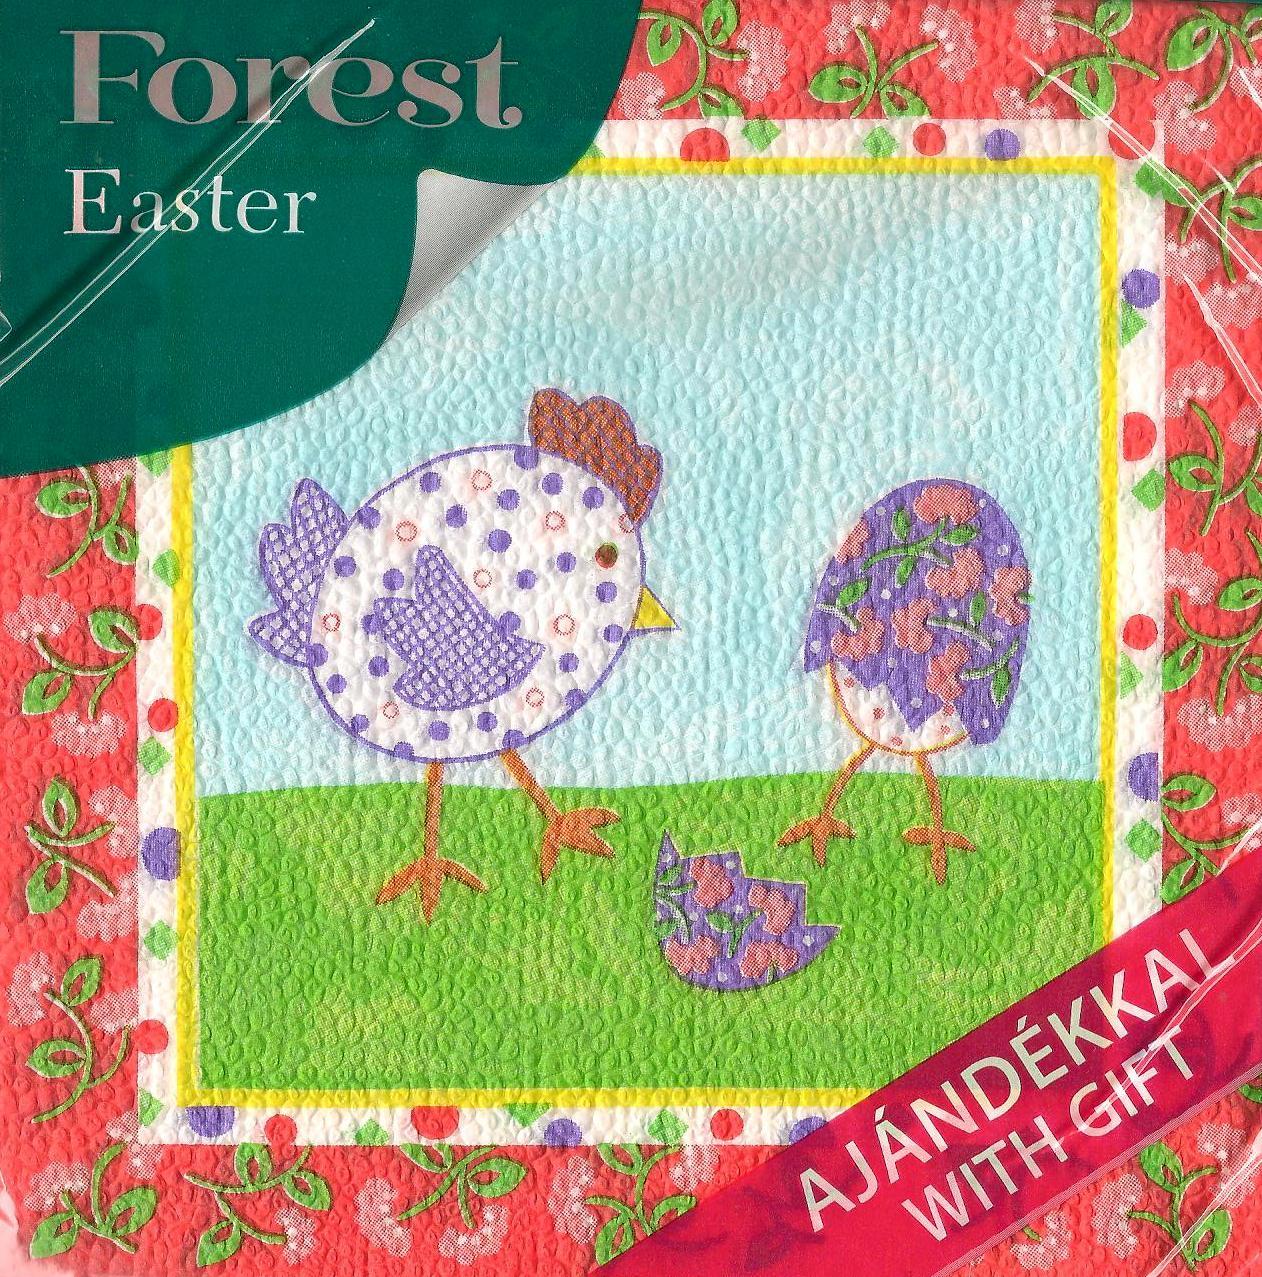 Forest velikonoční papírové ubrousky Slepička a vajíčko 1 vrstvé 33 x 33 cm 20 kusů